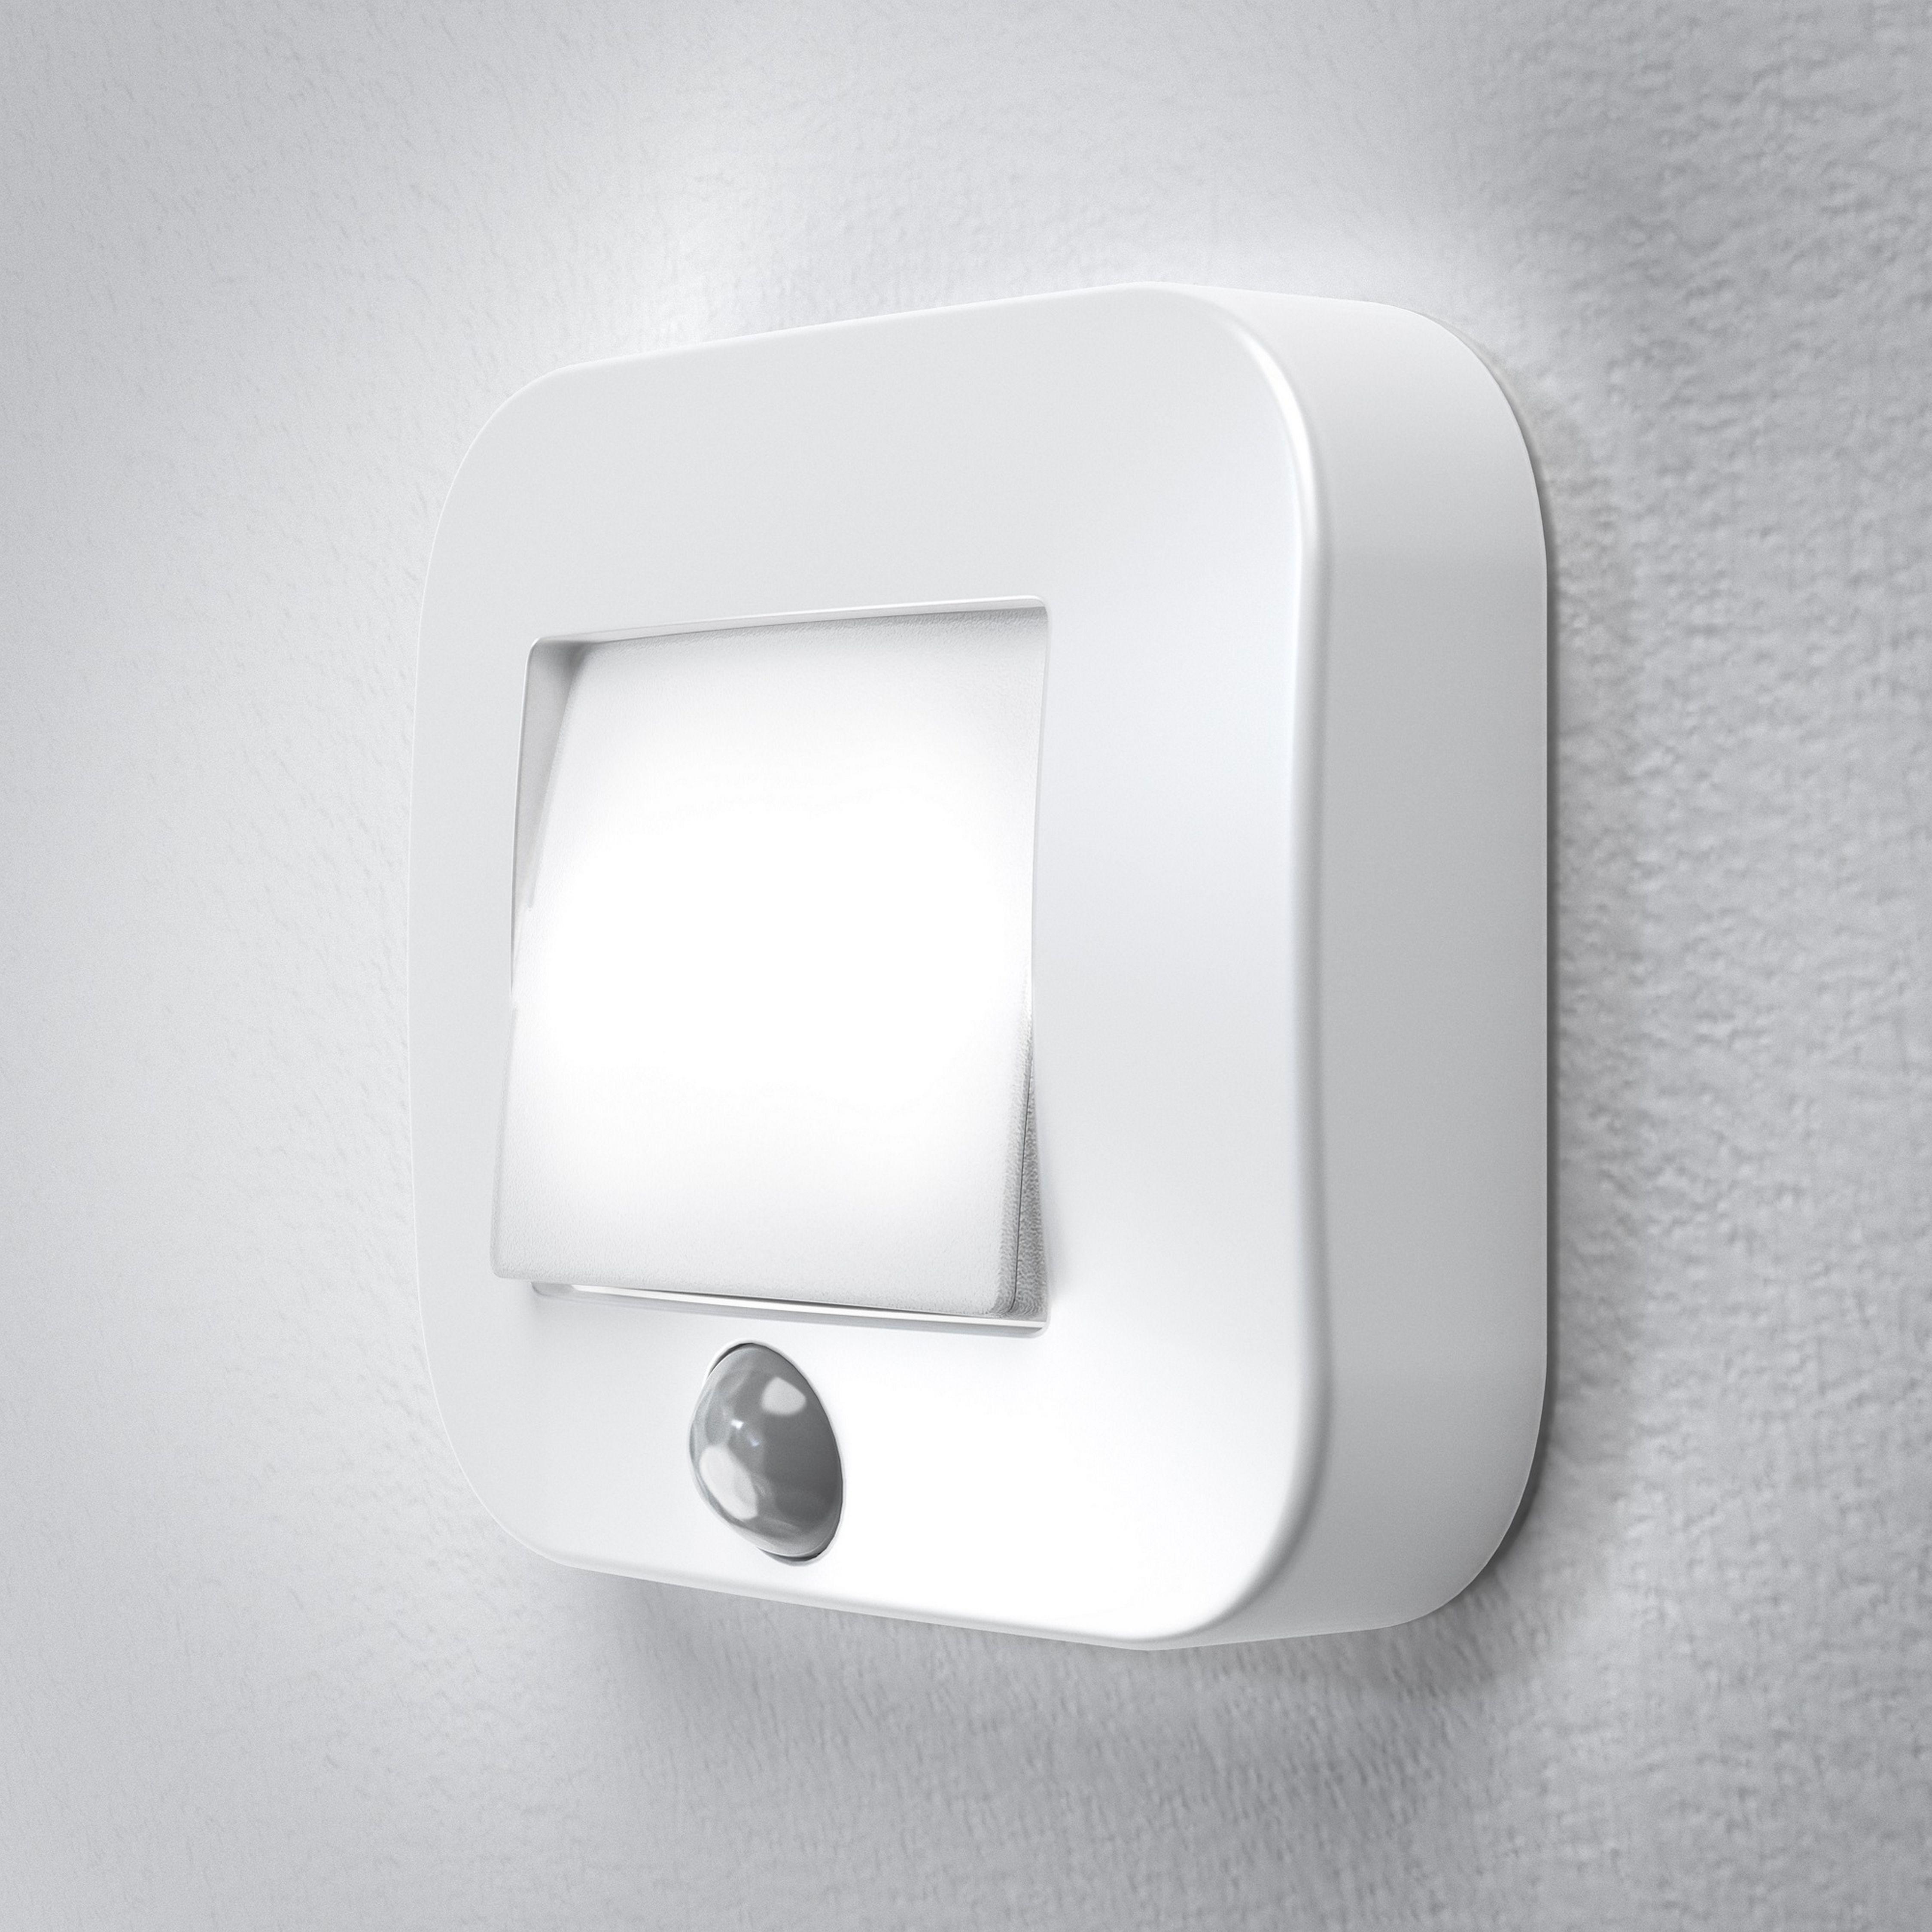 Osram LED Nachtlicht, batteriebetrieben, mit Bewegungssensor »NIGHTLUX Hall« | Lampen > Kinderzimmerlampen | White | Osram